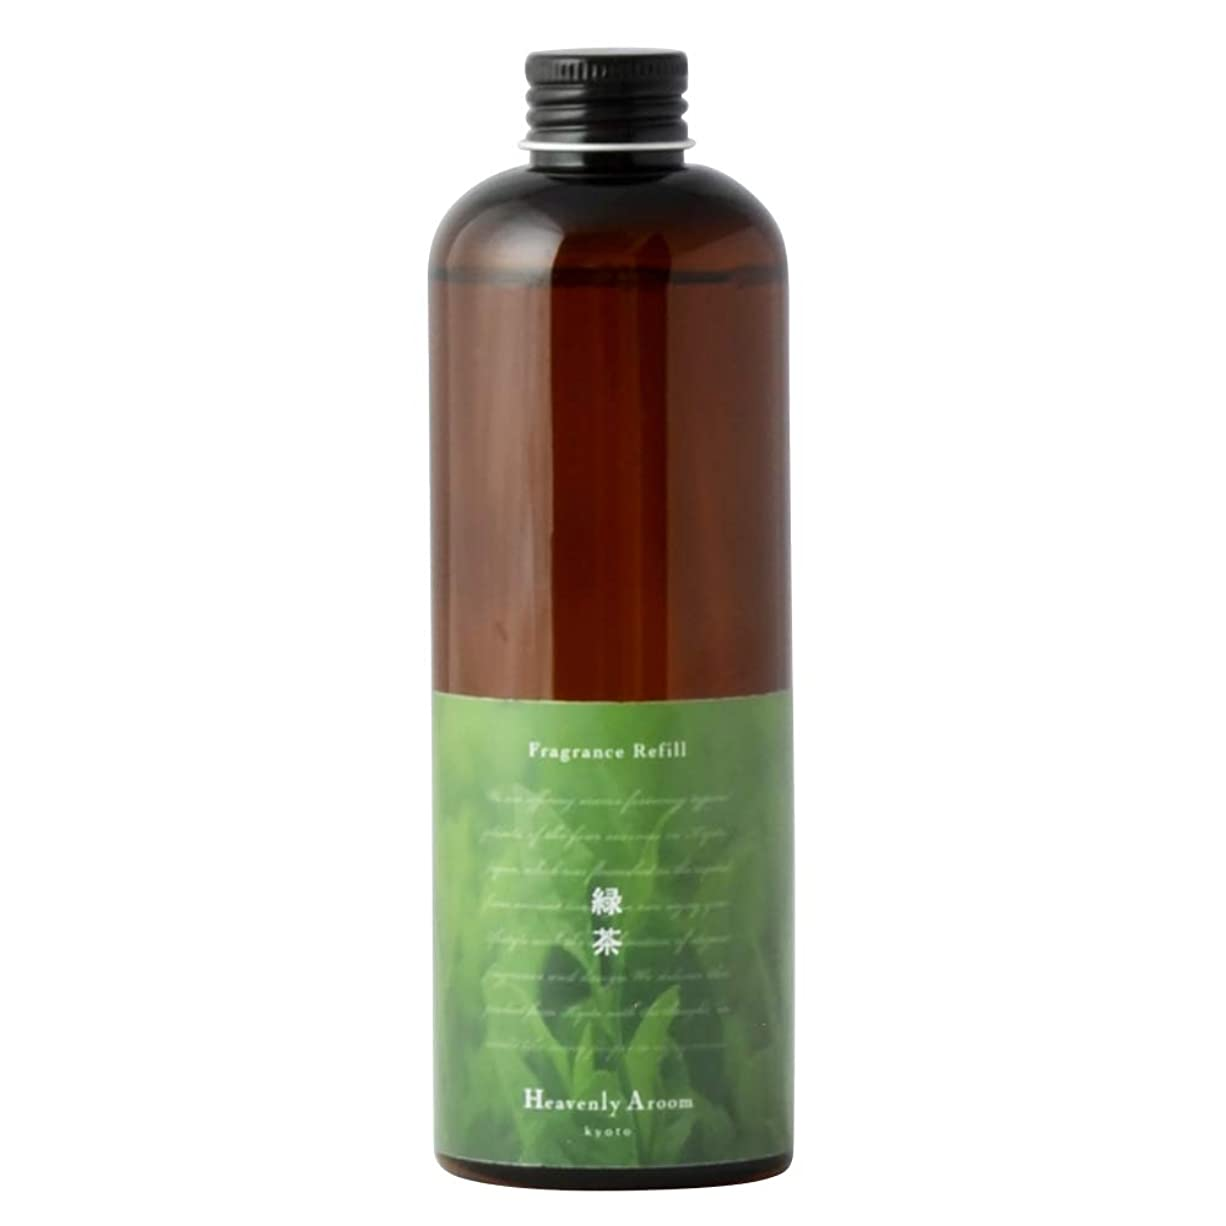 文芸作成する土器Heavenly Aroomフレグランスリフィル 緑茶 300ml